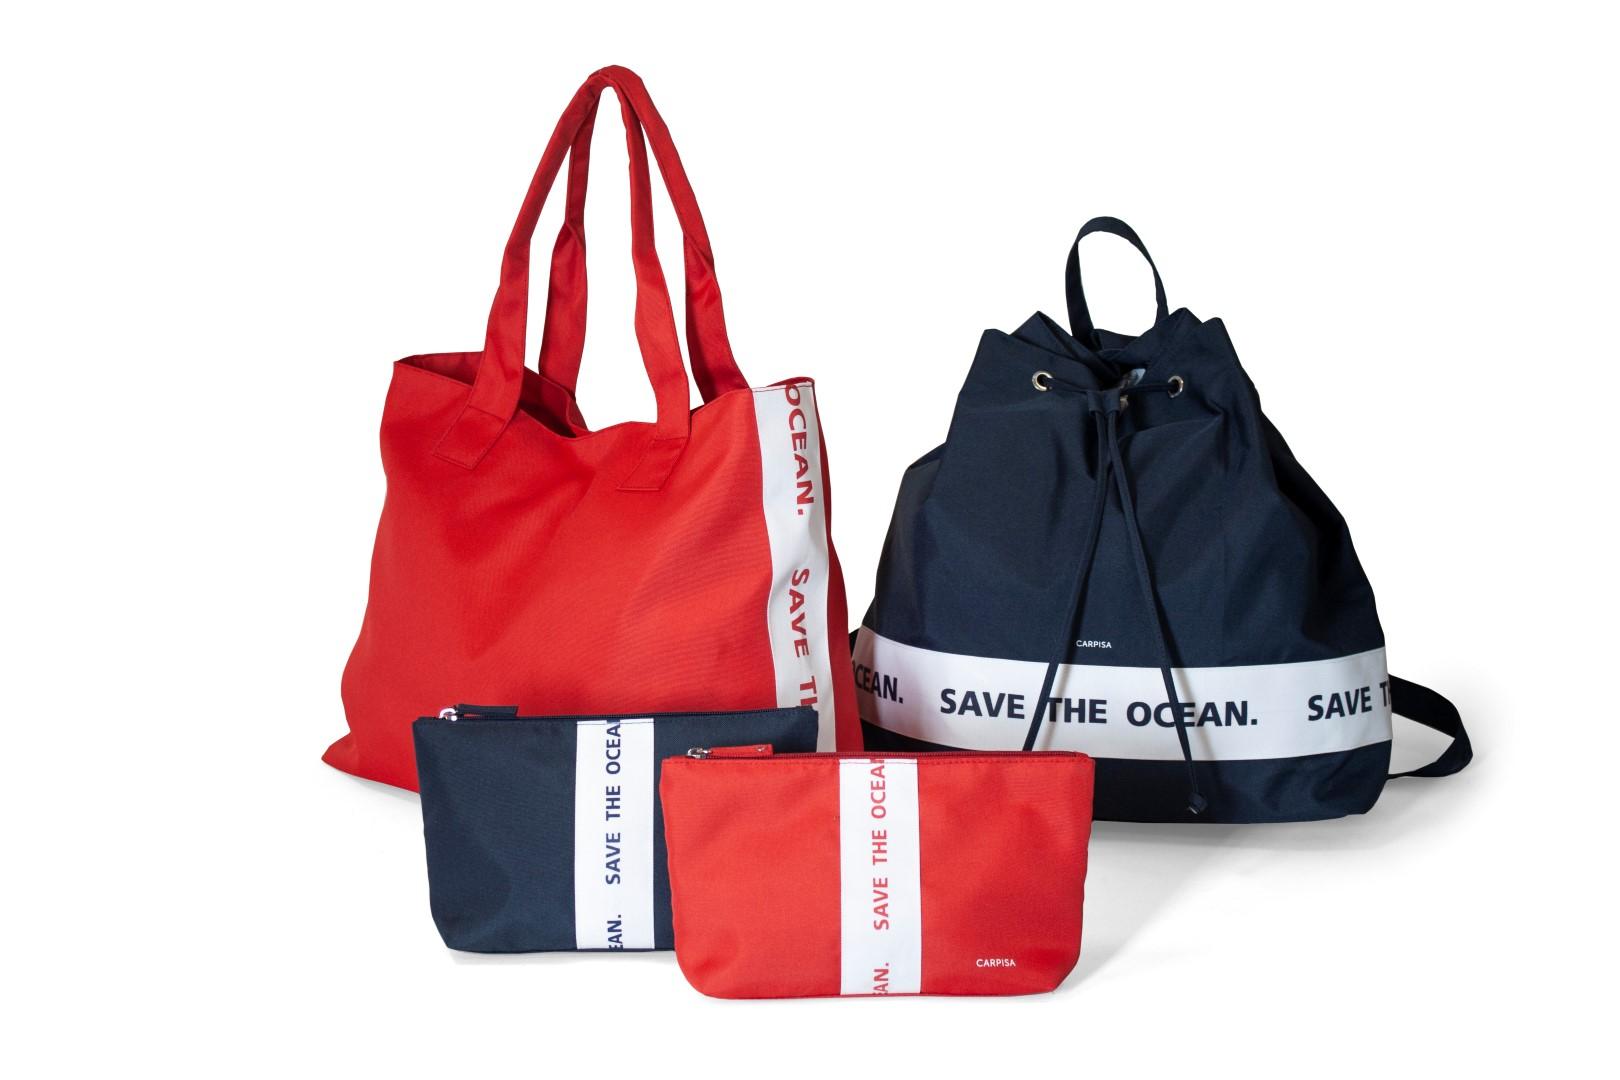 Carpisa - save the ocean